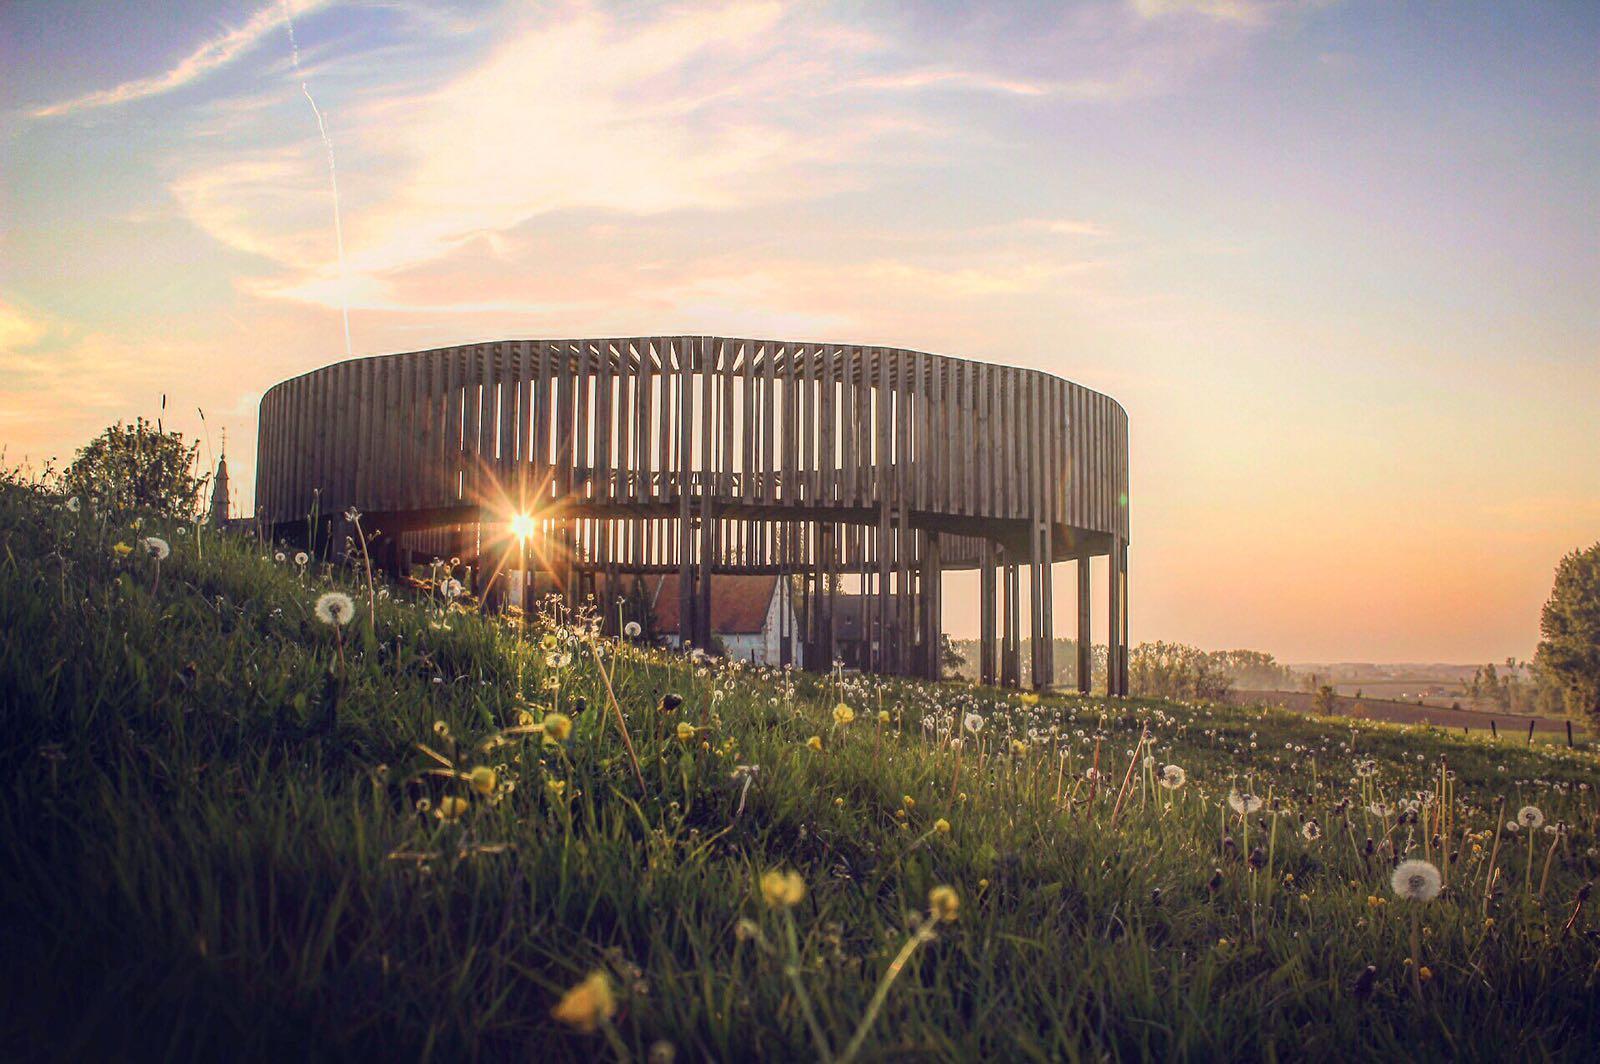 Mariënlof Borgloon Haspengouw picknickpoint houten constructie bloesems uitzichtpunt picknicken